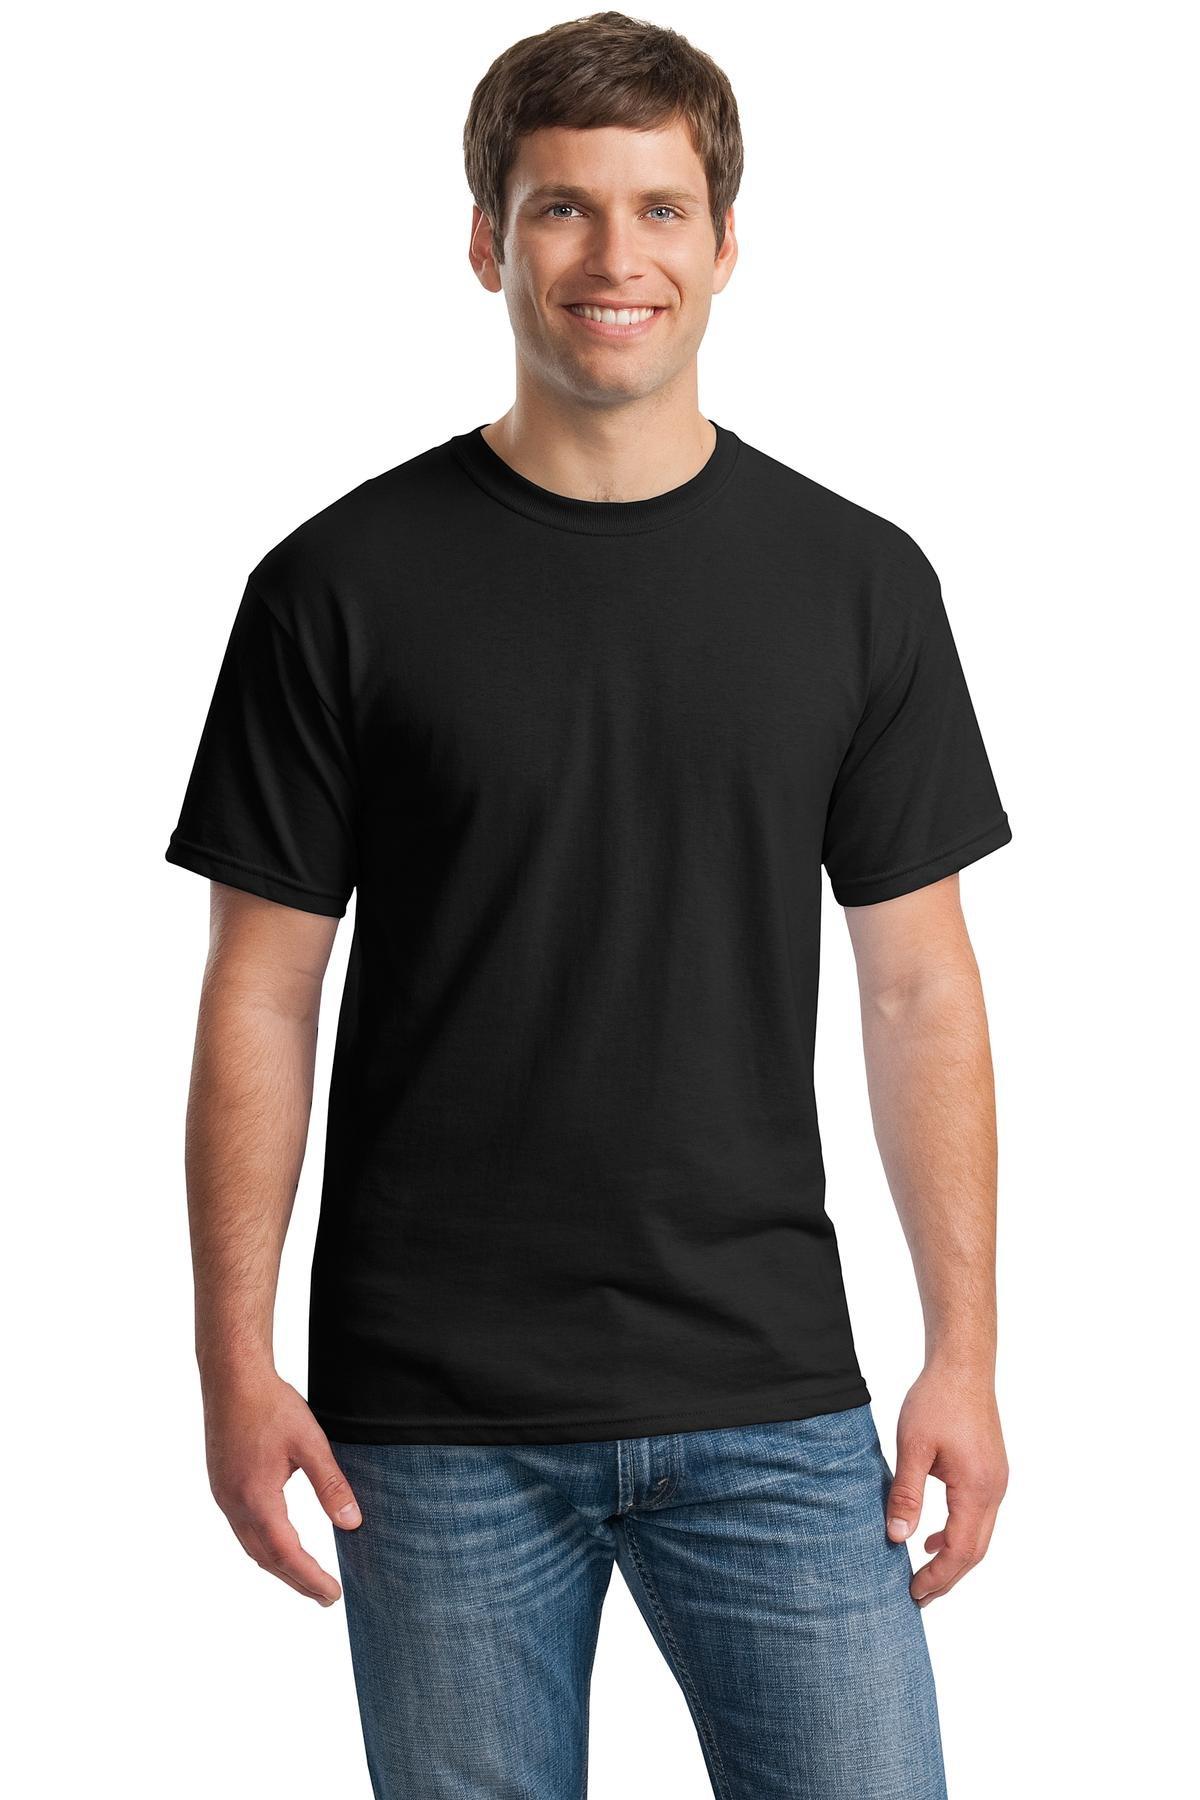 Gildan Men's G5000 Heavy Cotton 10 Pack Black Medium